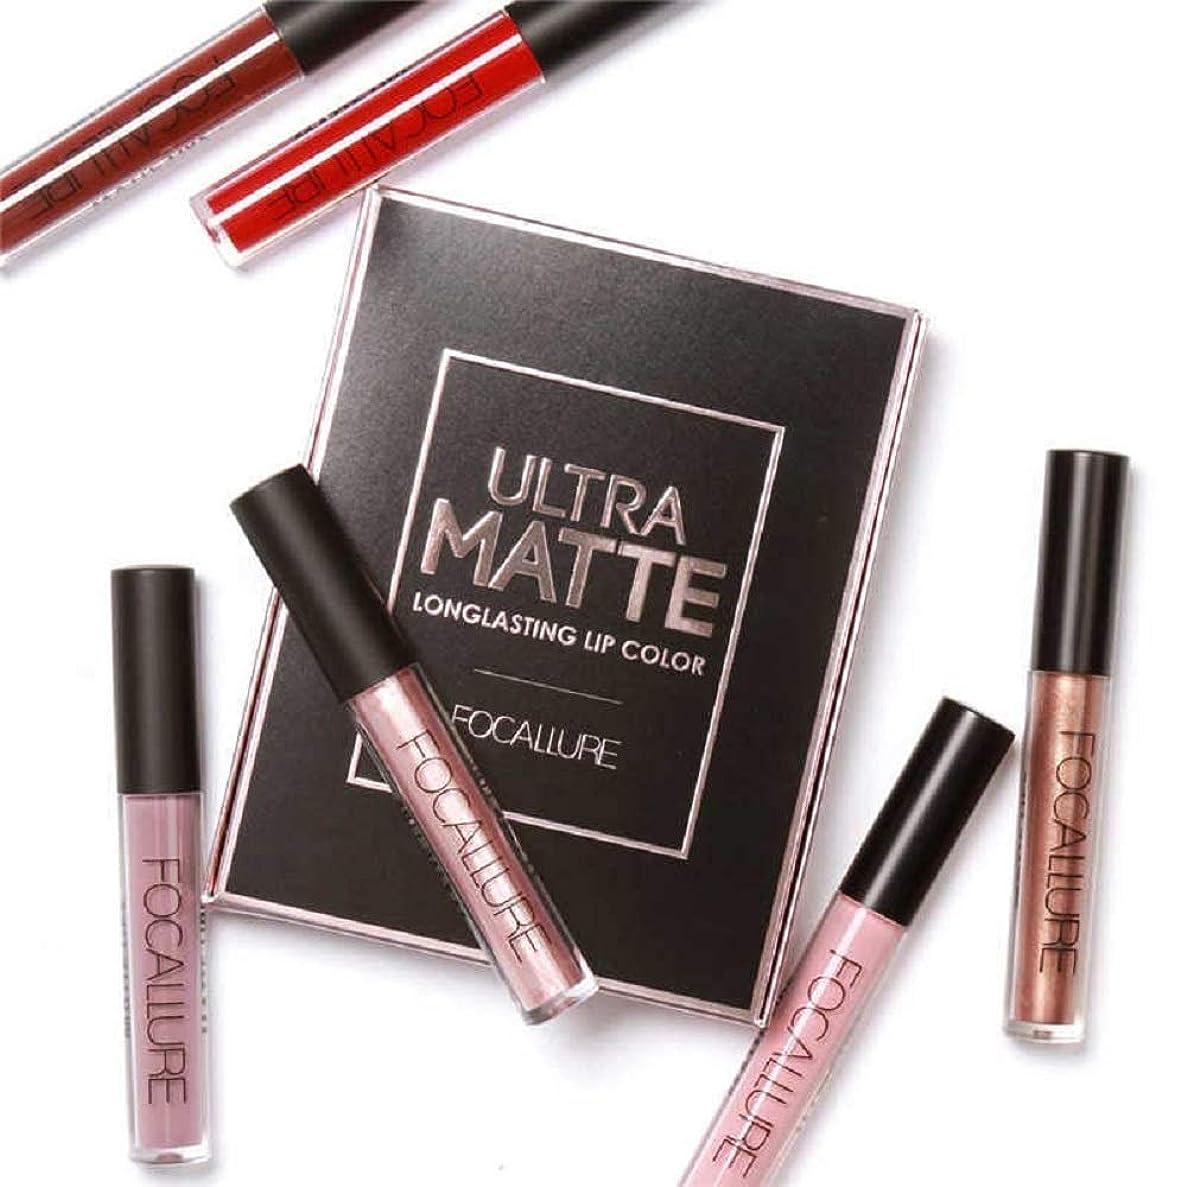 インフレーション残り八3Pcs/Set Long-lasting Lip Colors Makeup Waterproof Tint Lip Gloss Red Velvet Ultra Nude Matte Lipstick Set リップカラーメーキャップ防水色合いリップグロスレッドベルベットウルトラヌードマットリップスティックセット (02)